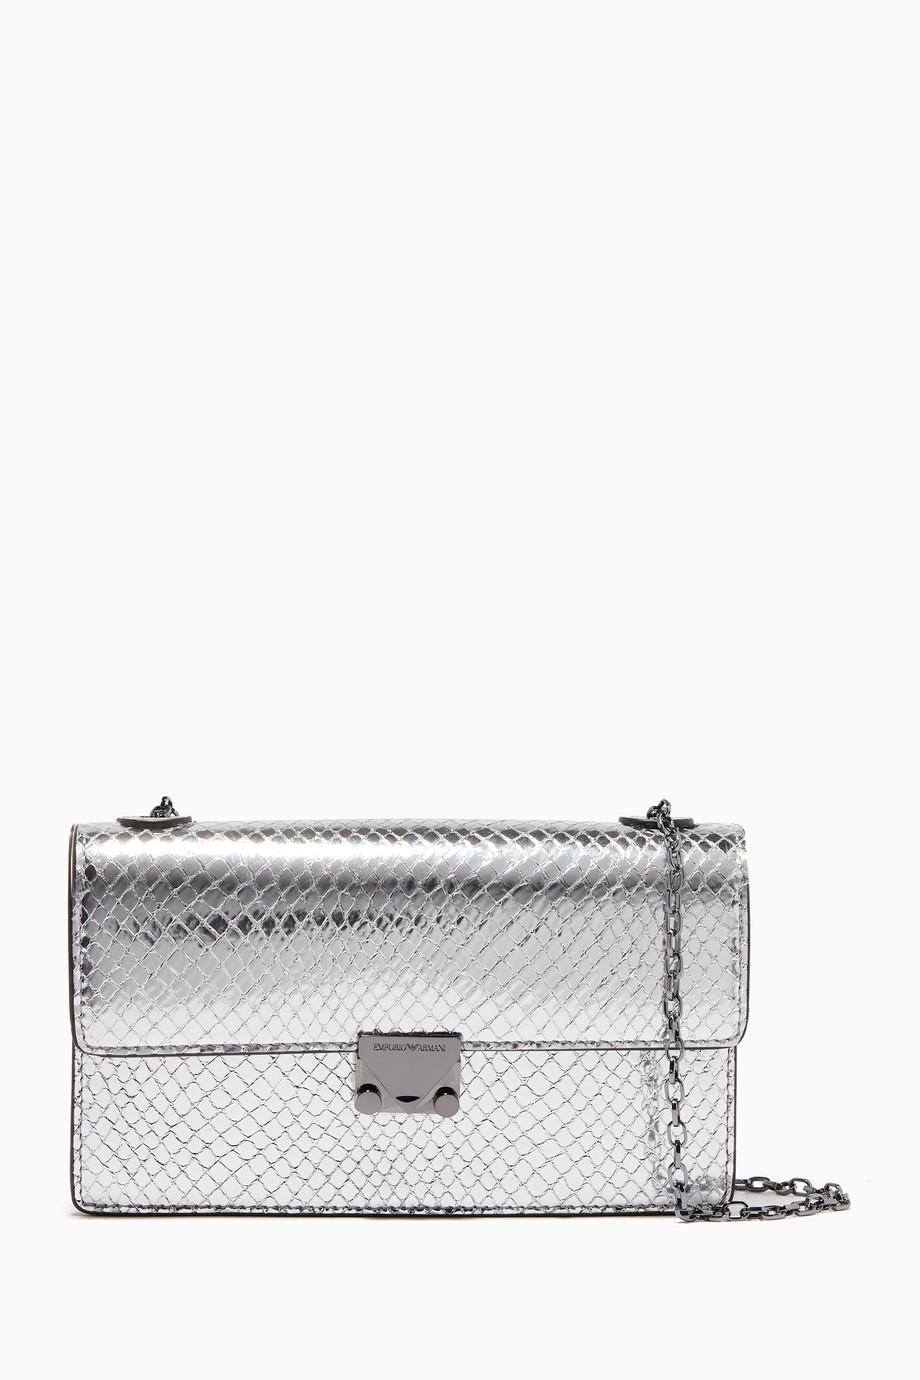 565d79d0db5dd تسوق حقيبة صغيرة بنقشة جلد الأفعى فضية Emporio Armani فضي للنساء ...